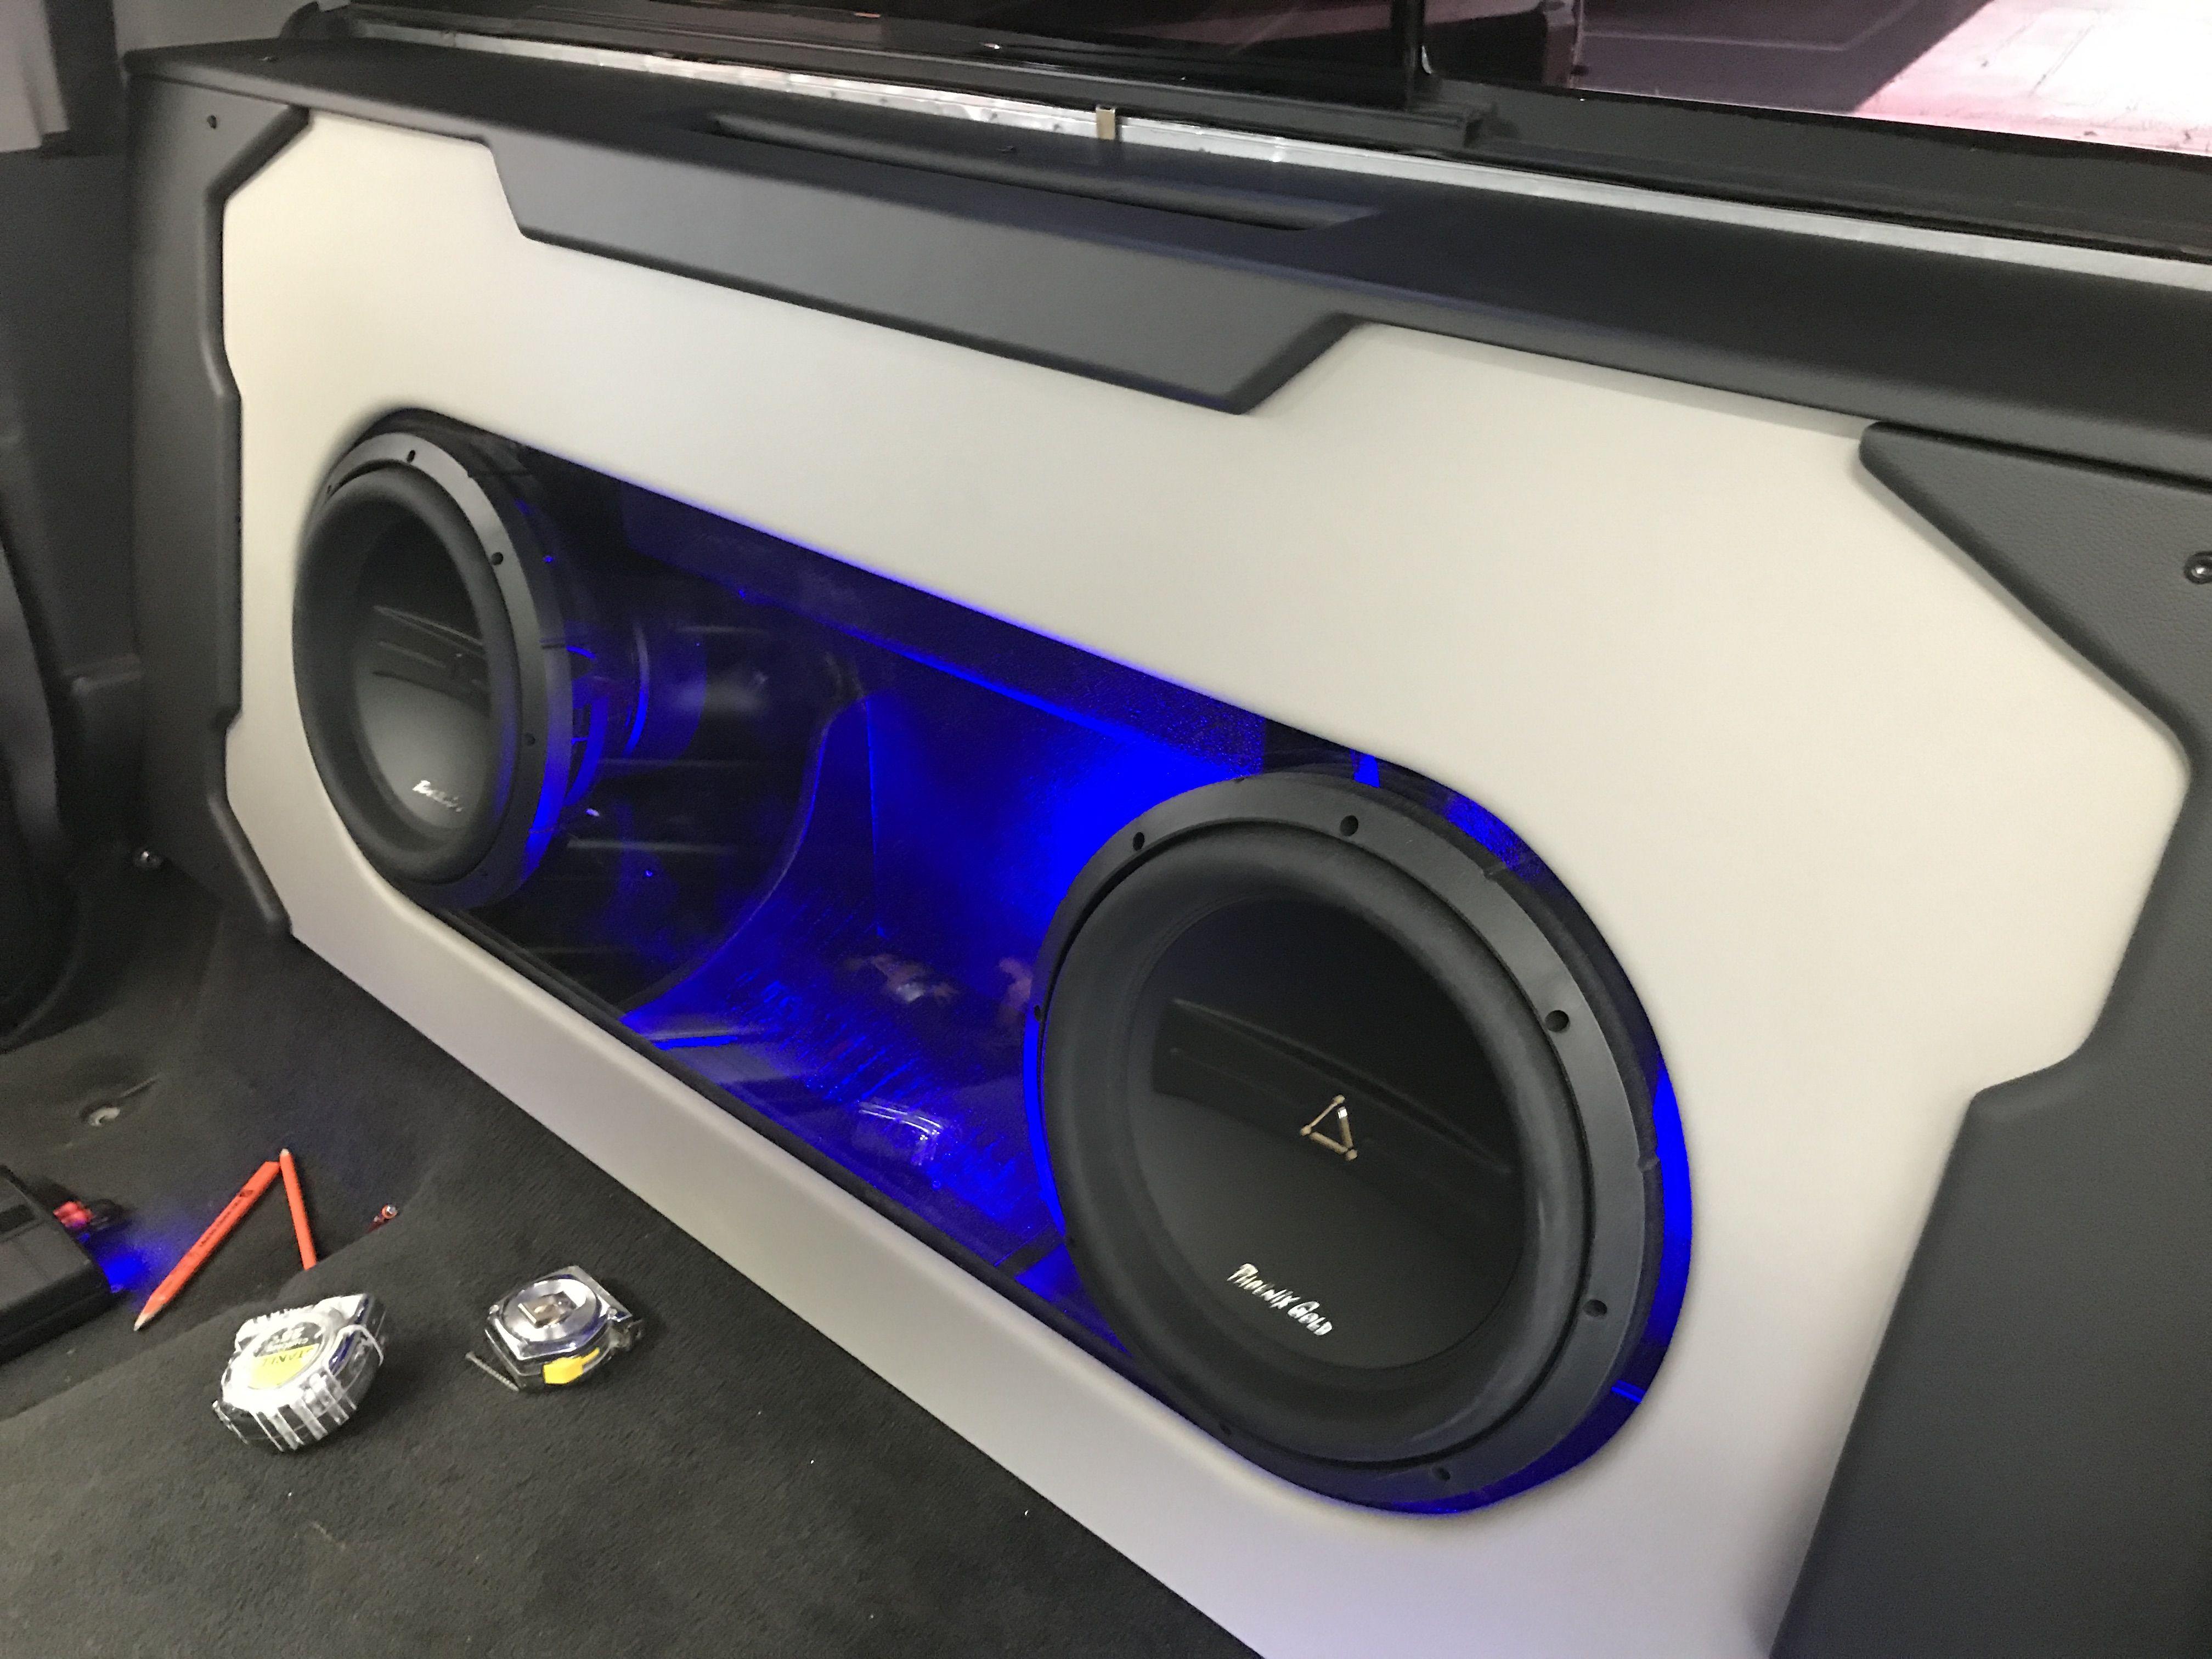 Plexiglass Subwoofer Enclosure Custom Subwoofer Enclosure Car Audio Subwoofers Subwoofer Enclosure